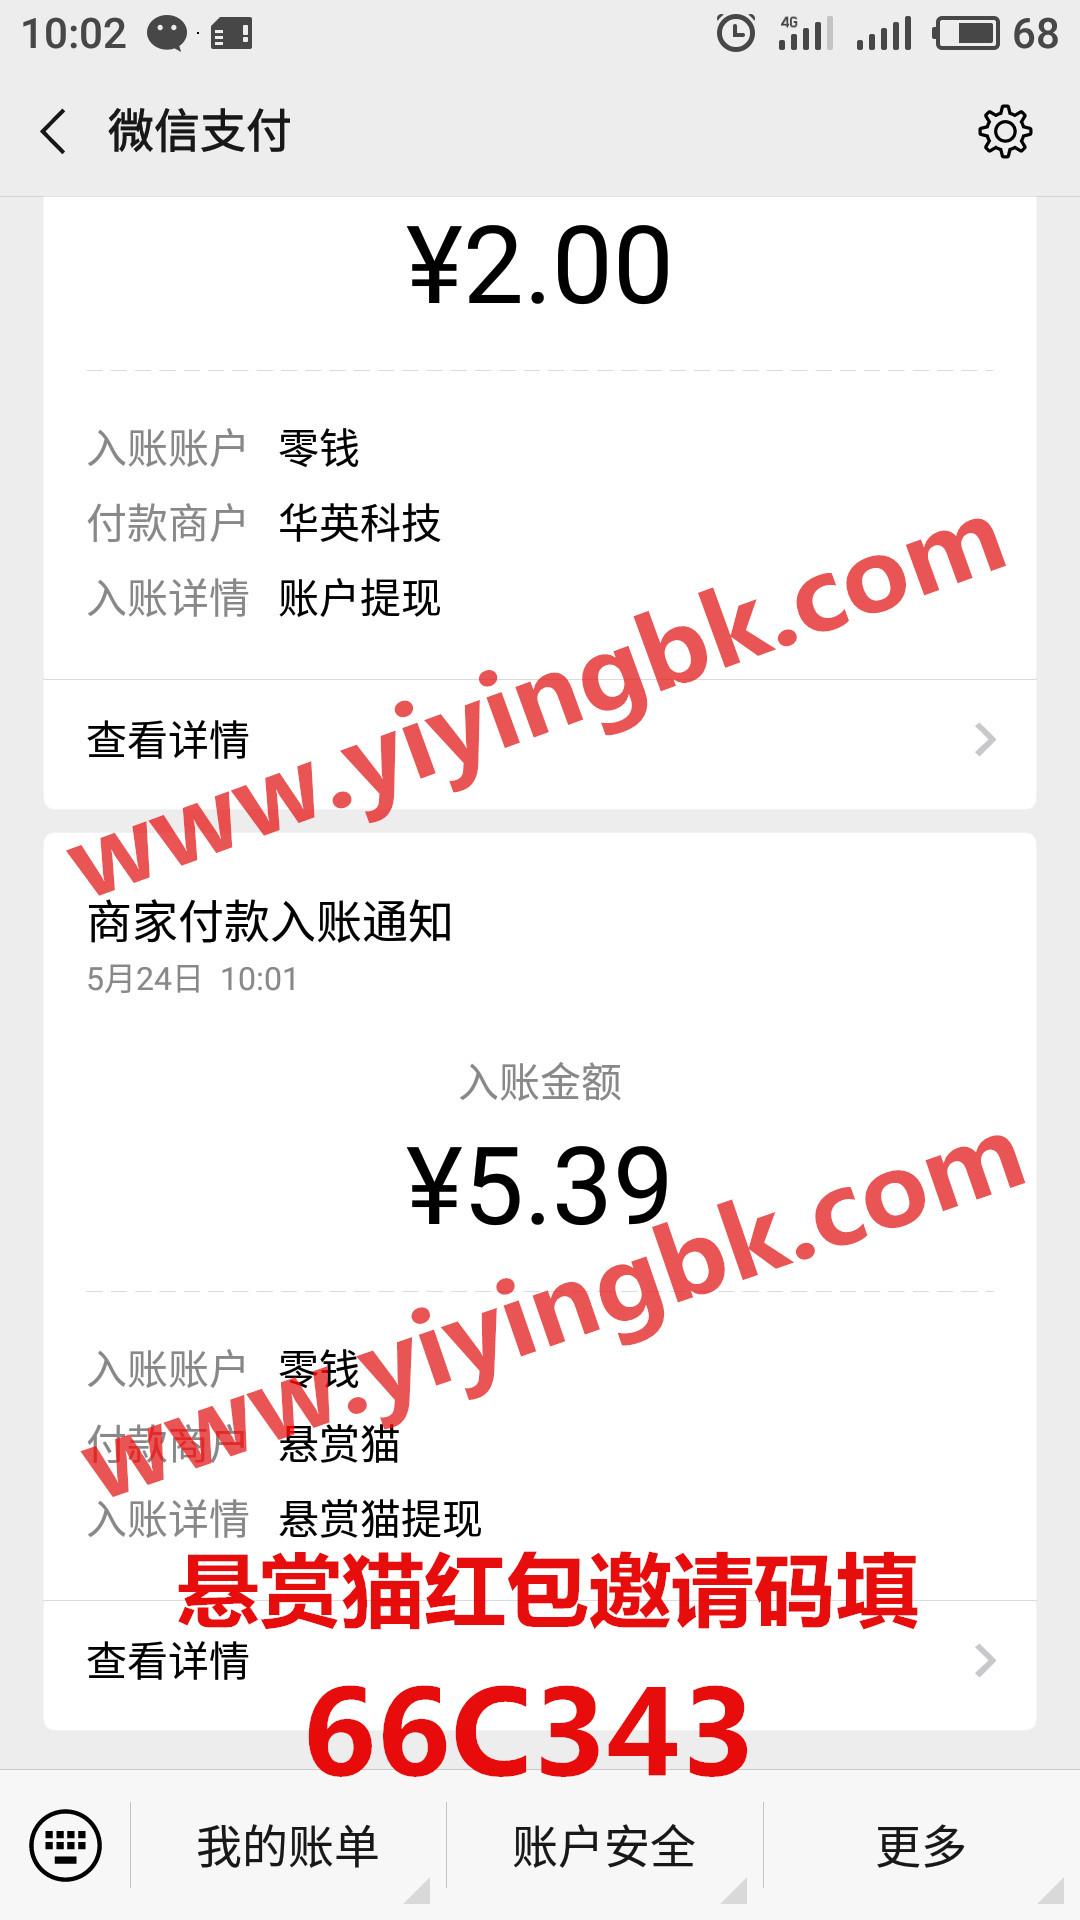 微信提现5.39元支付秒到账,www.yiyingbk.com